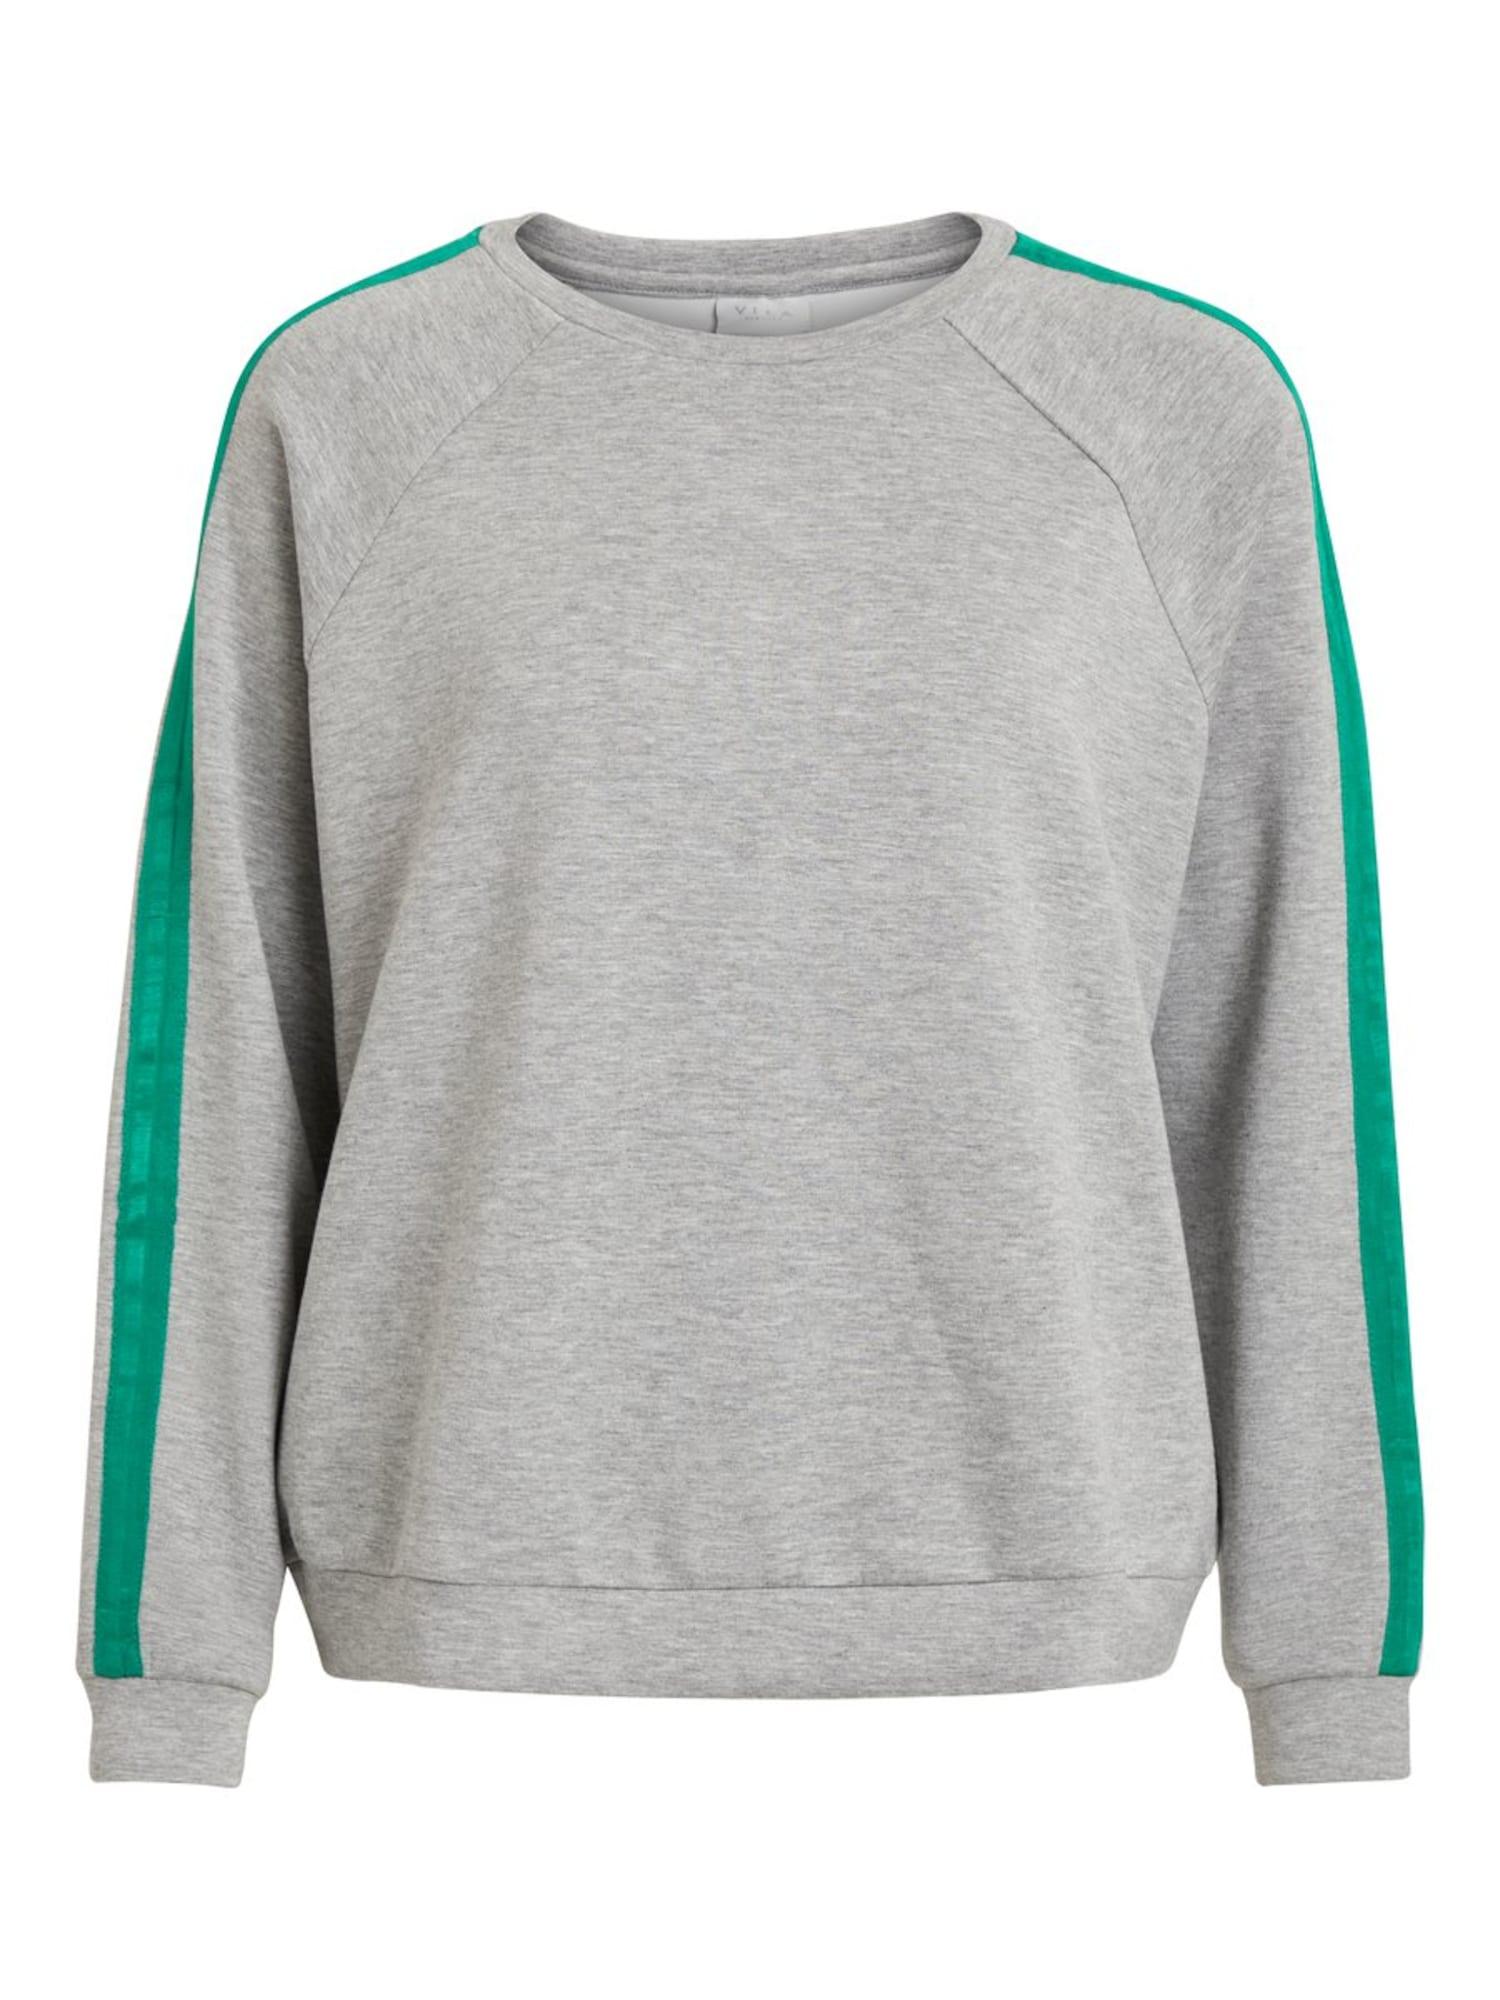 VILA, Dames Sweatshirt, grijs / jade groen